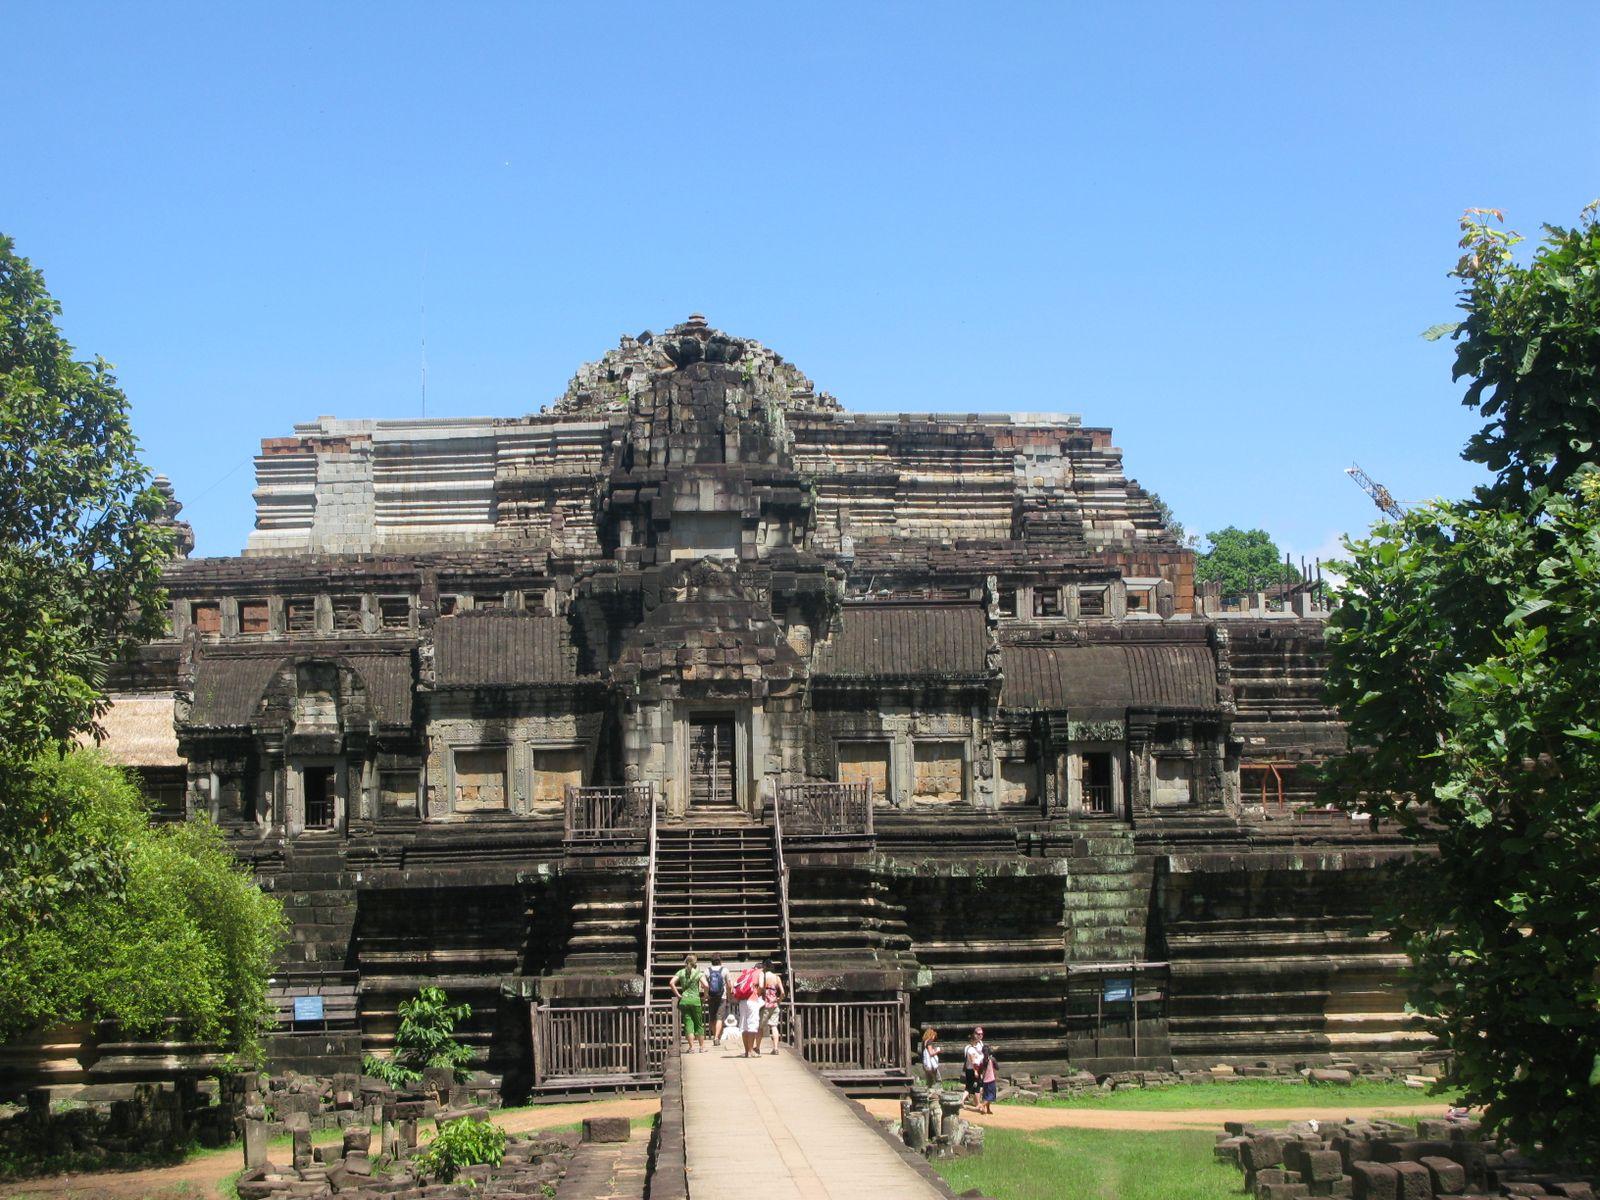 Cùng với Bayon thì Baphuon cũng là một ngôi đền đẹp và lớn trong quần thể Angkor.